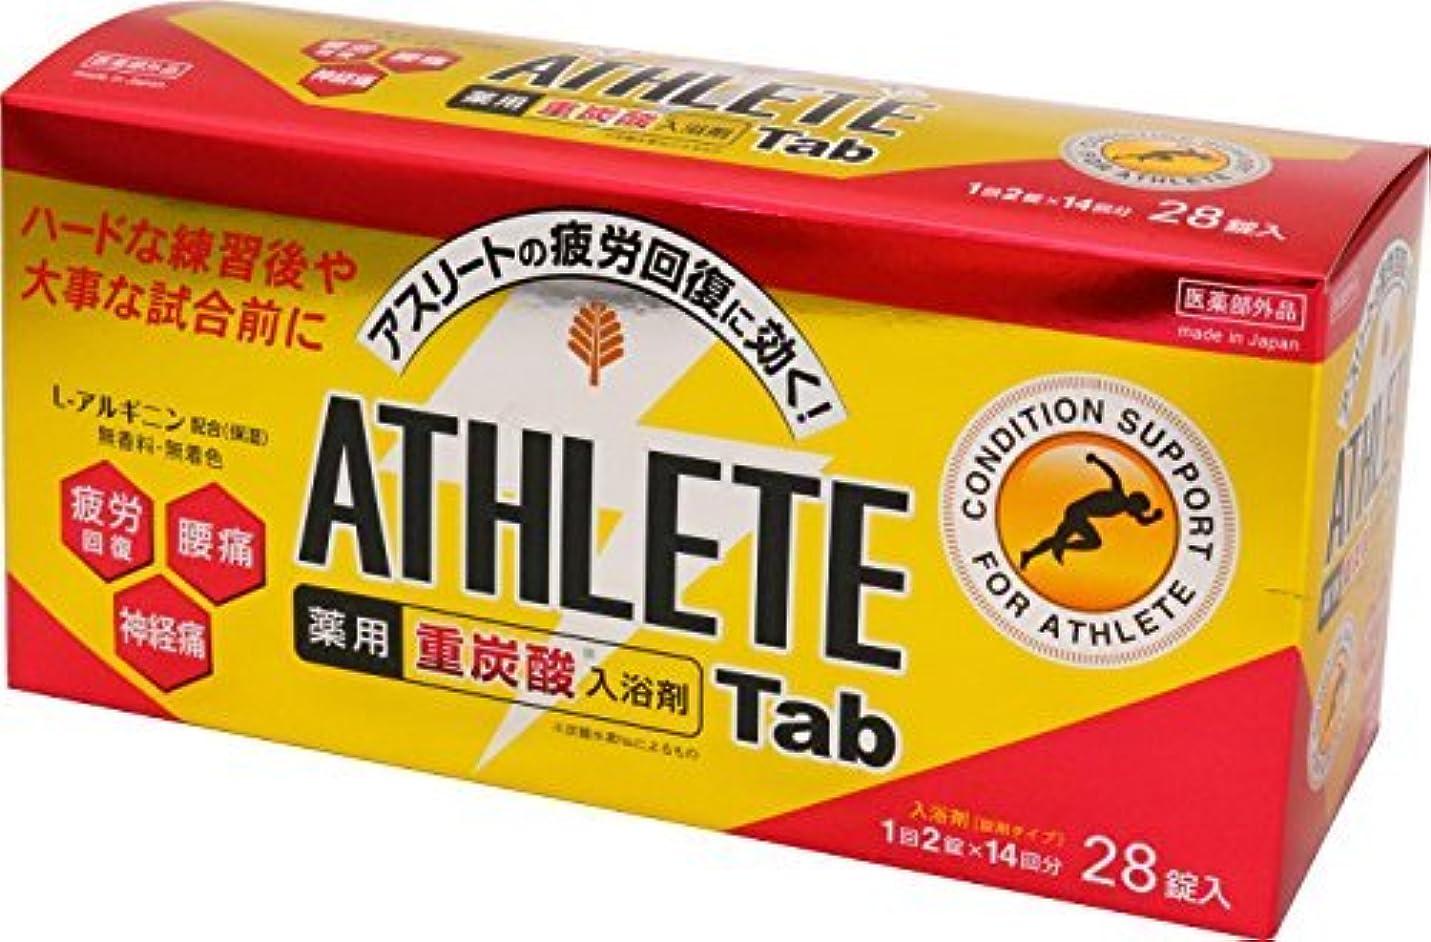 旅客習熟度アルバニー日本製 made in japan 薬用 ATHLETE Tab1錠x28パック BT-8573 【まとめ買い3個セット】